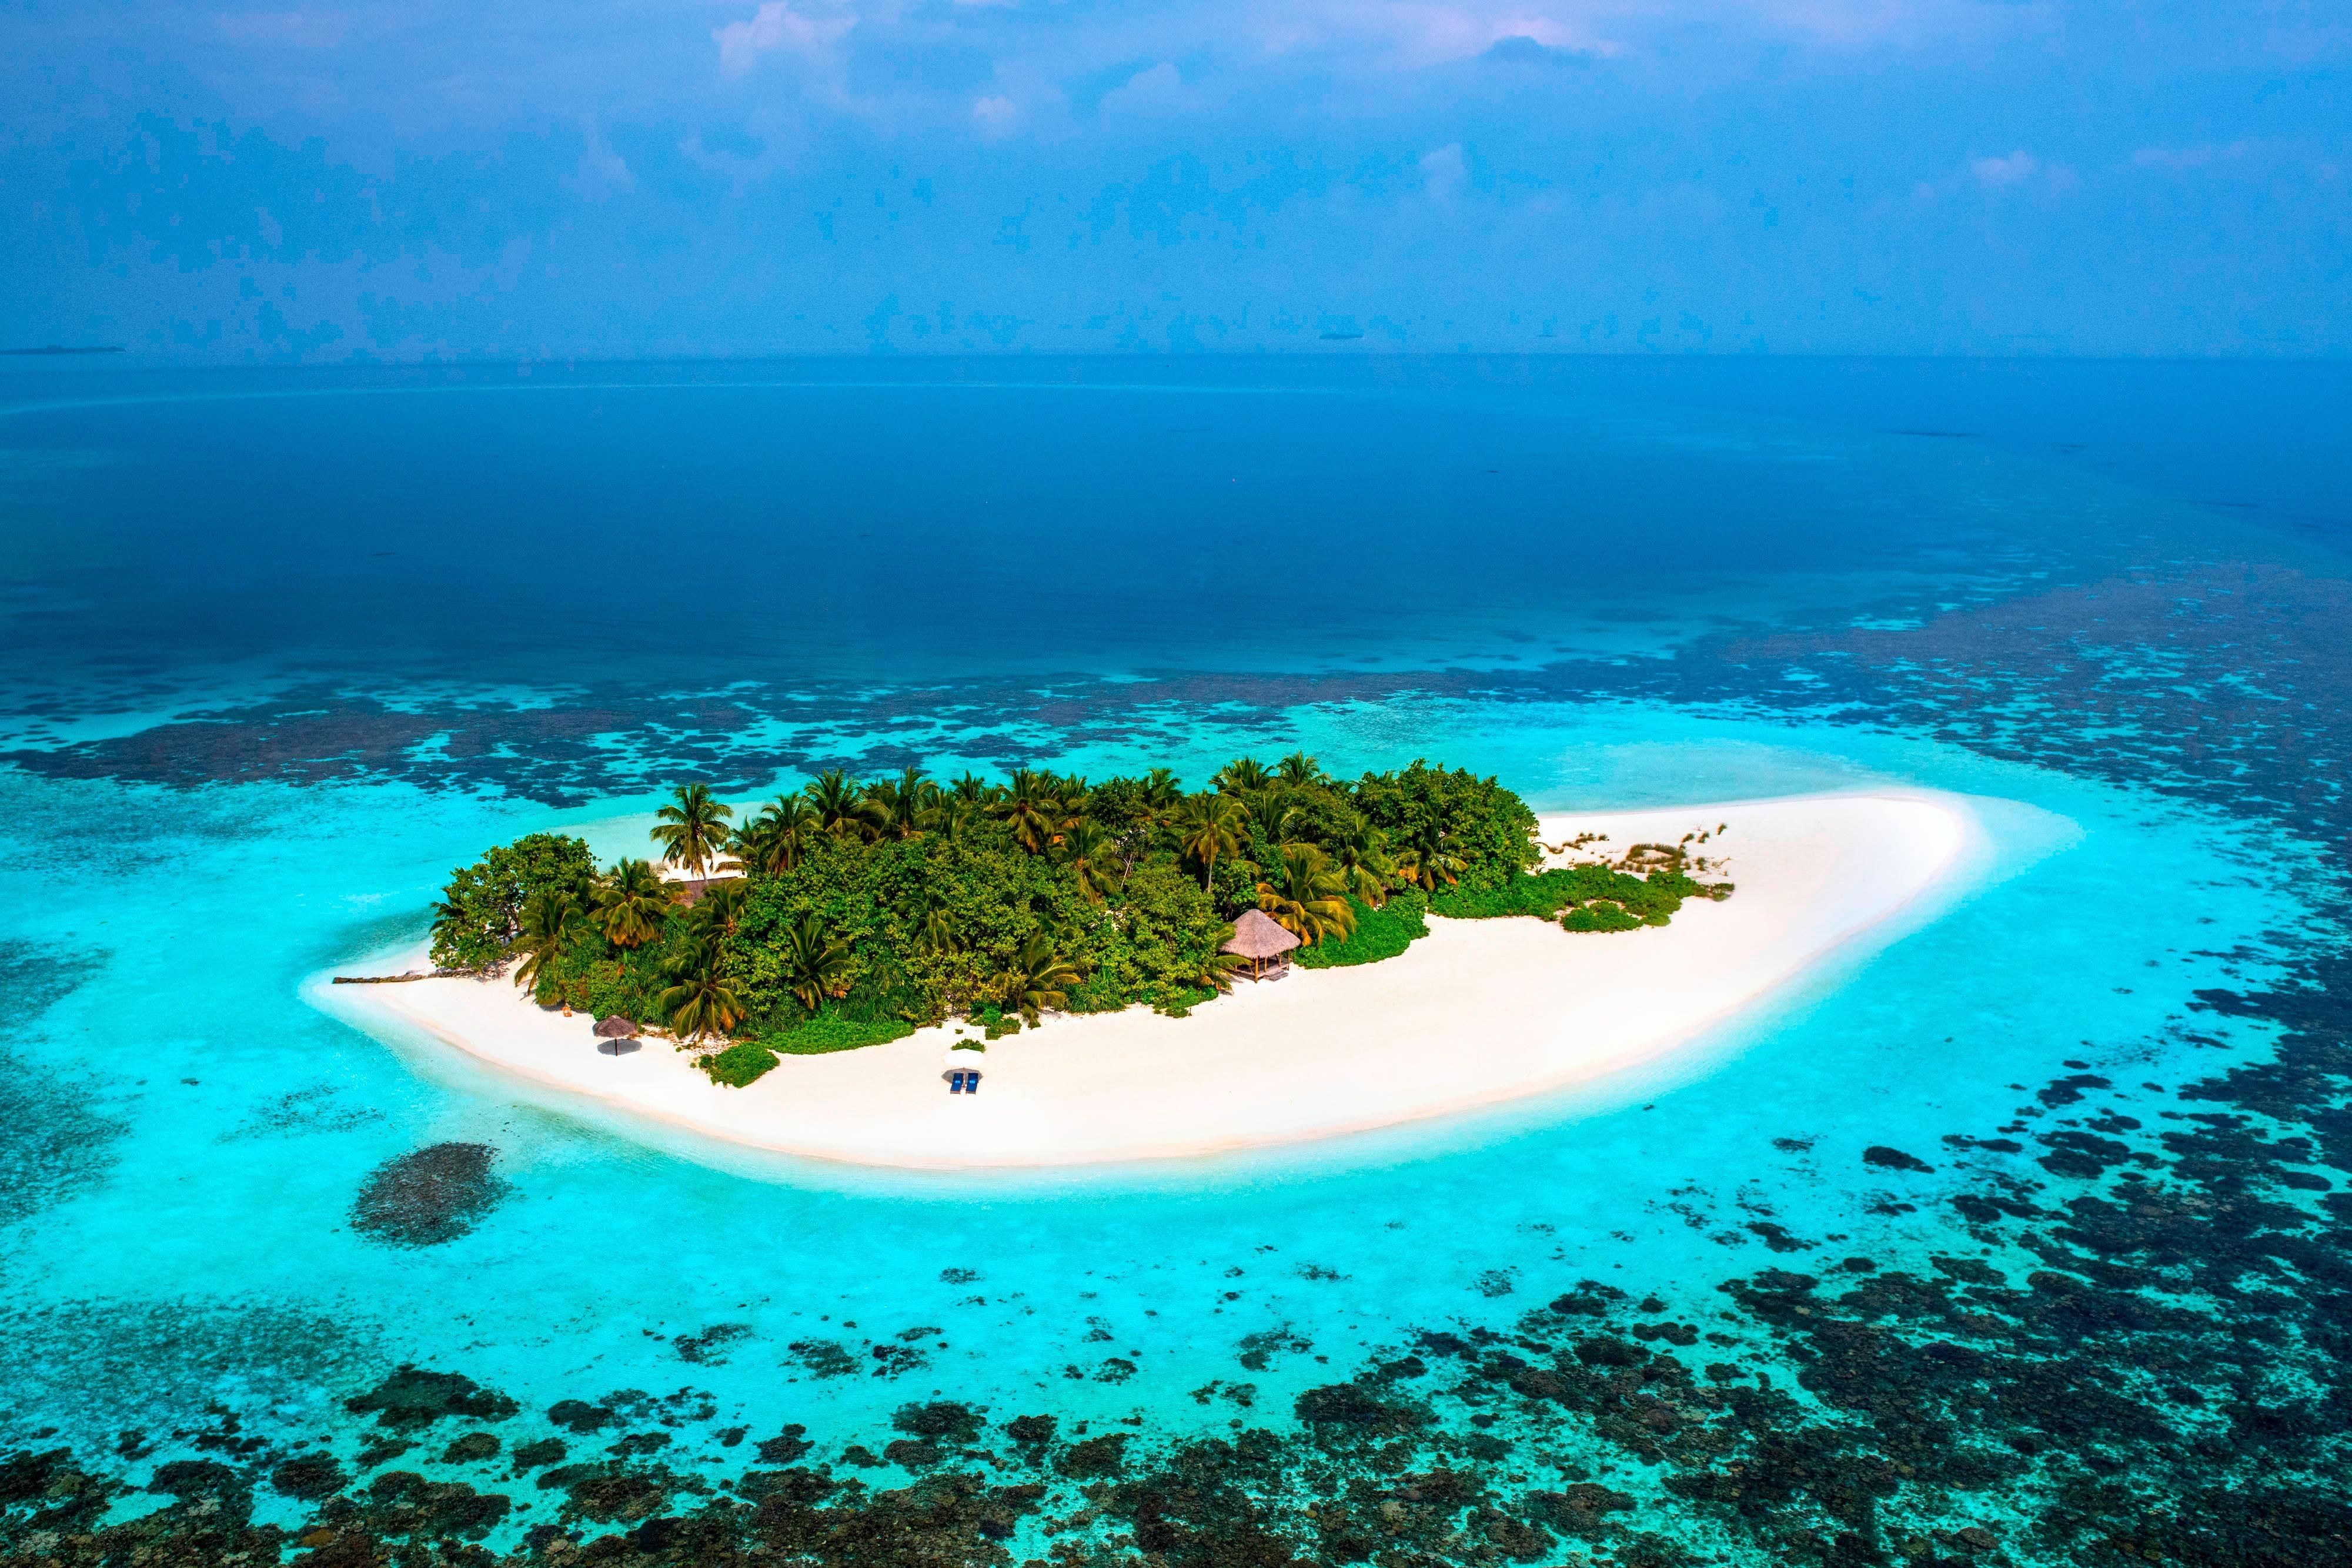 Gaathafushi W's Private Island